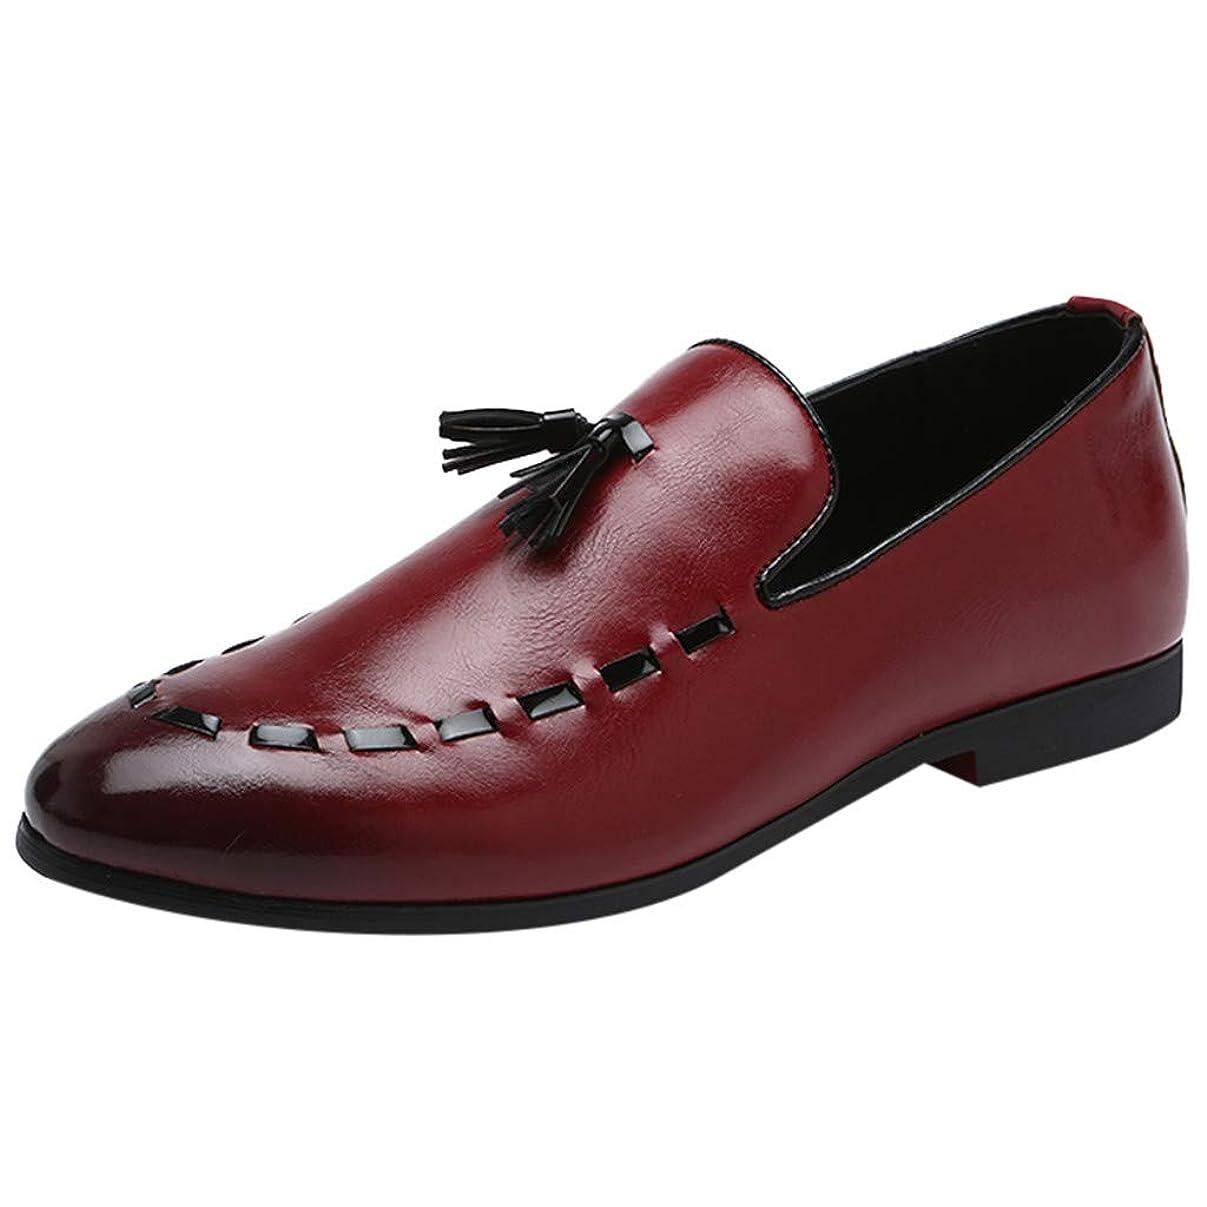 対抗旋律的区別ZONGLIAN 人気 革靴 メンズ スリッポン ビジネスシューズ ローファー フリンジ レザースリッポン おしゃれ 紳士靴 カジュアル ペニーローファー タッセル イギリス風 ブリティッシュ ストレートチップ クラシック